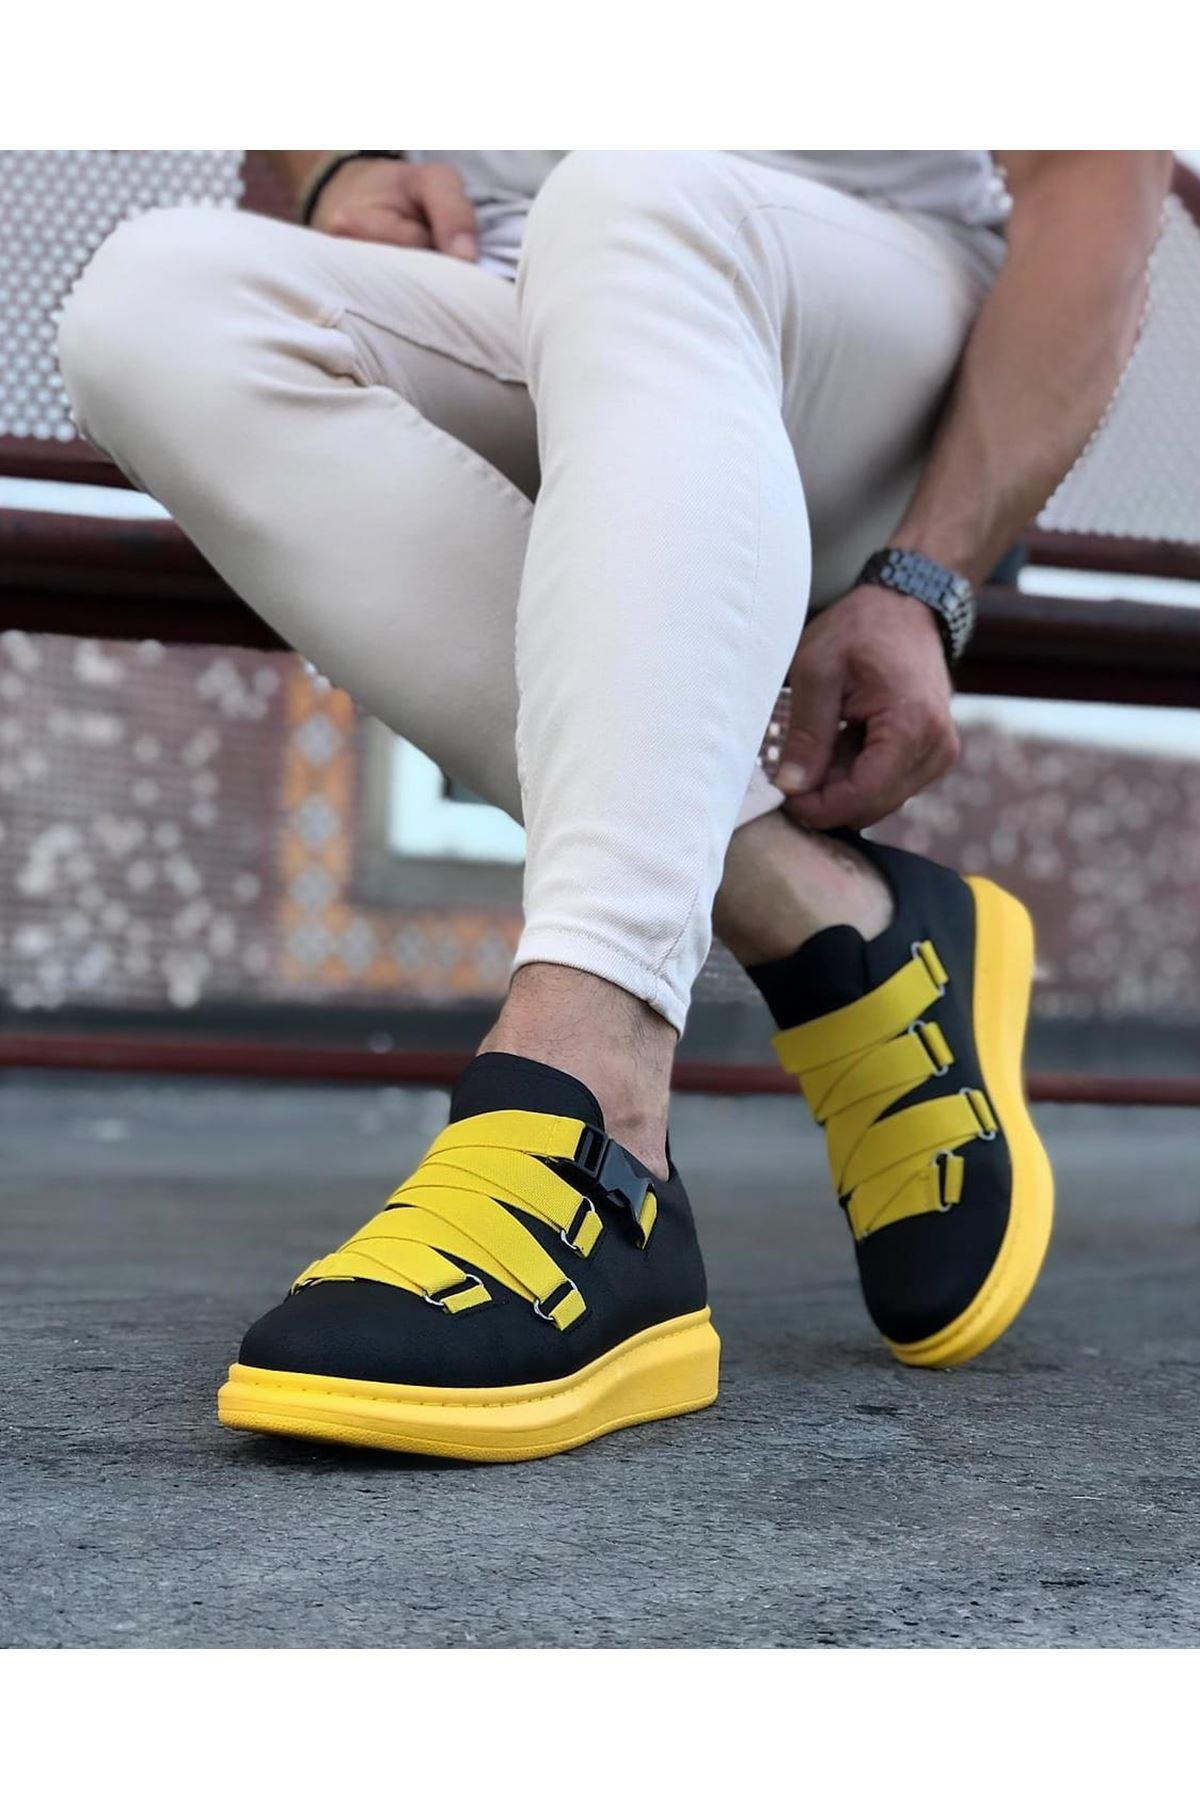 Wagoon WG033 Siyah Sarı  Erkek Yüksek Taban  Ayakkabı